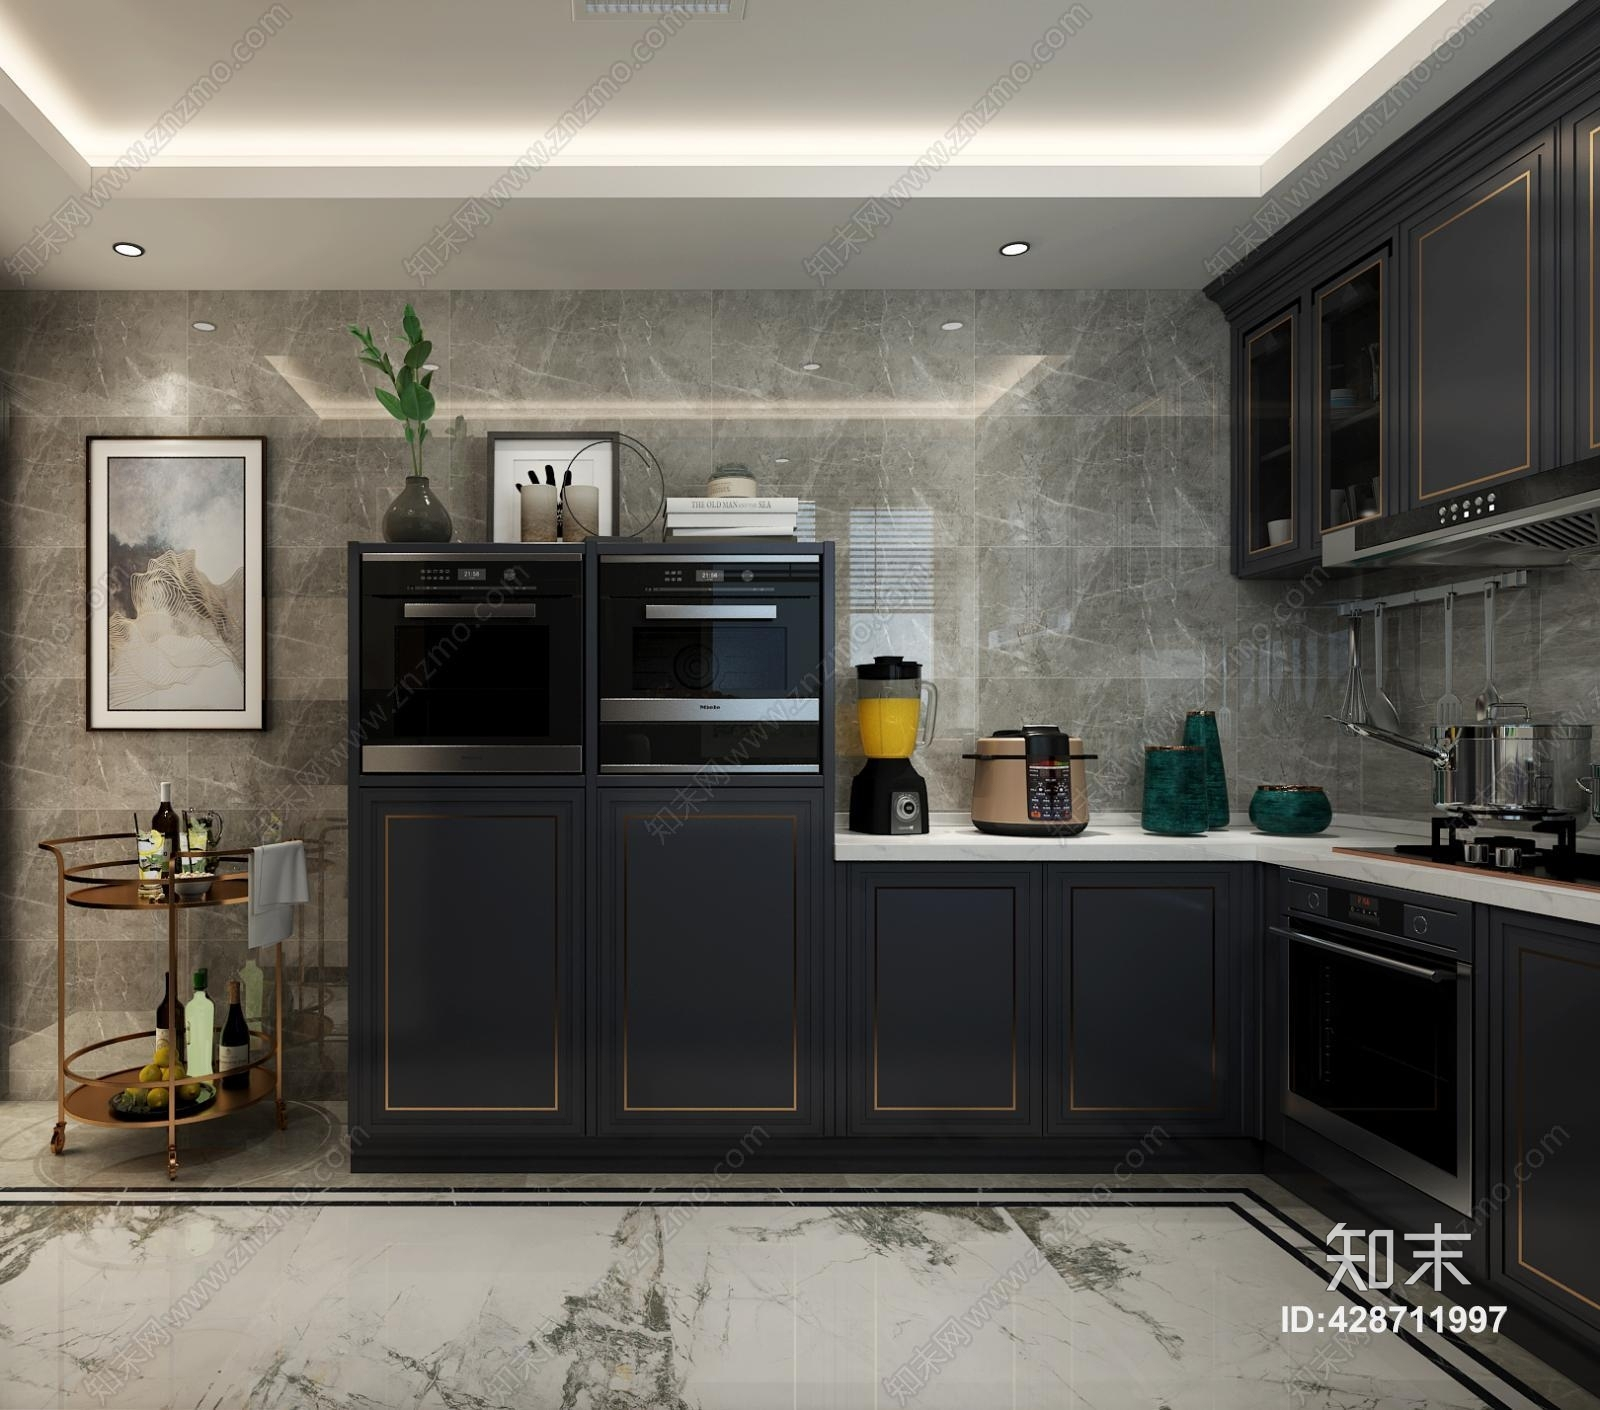 餐桌椅_新中式现代新中式轻奢厨房3D模型下载【ID:428711997】_知末3d模型网